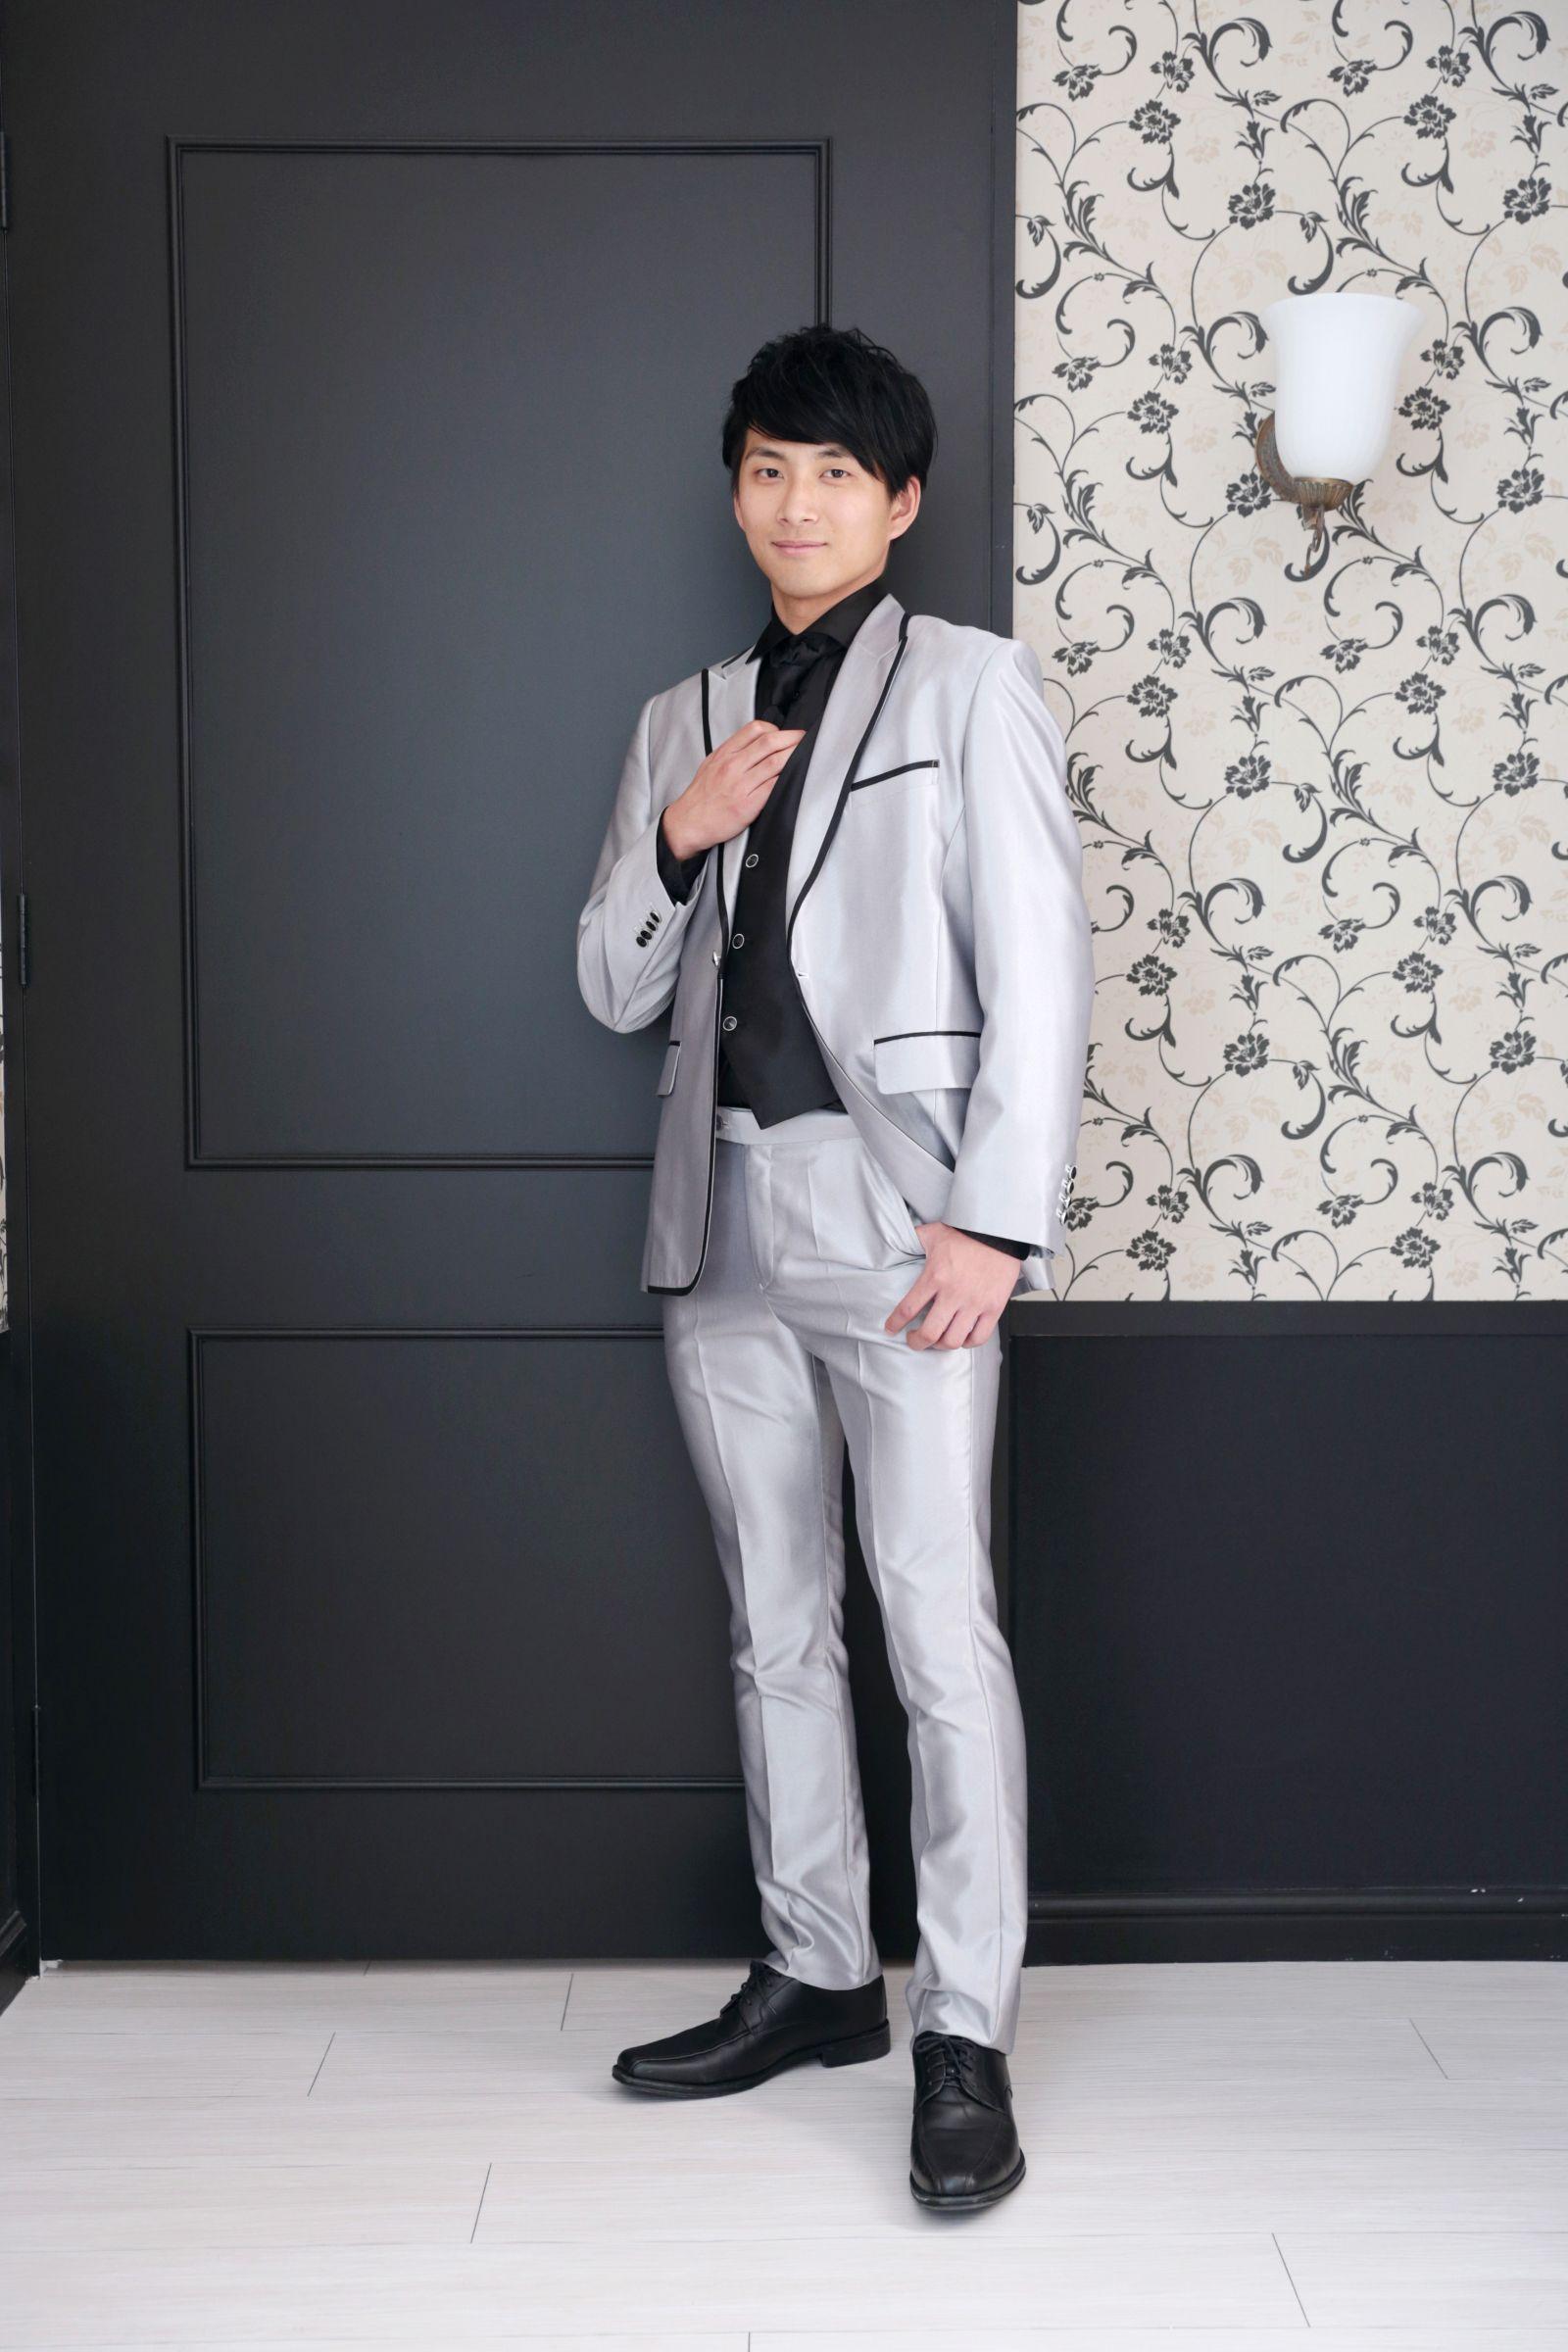 全店 男性衣装 T007 S M L 2L